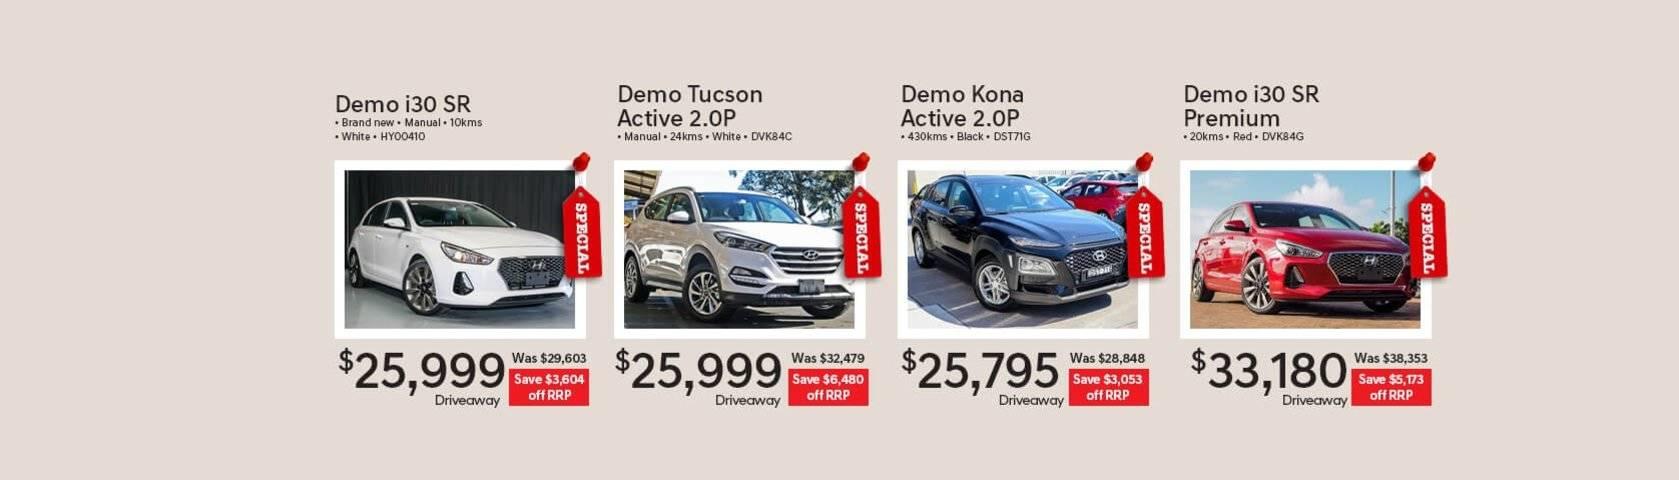 Hyundai Demo Vehicles